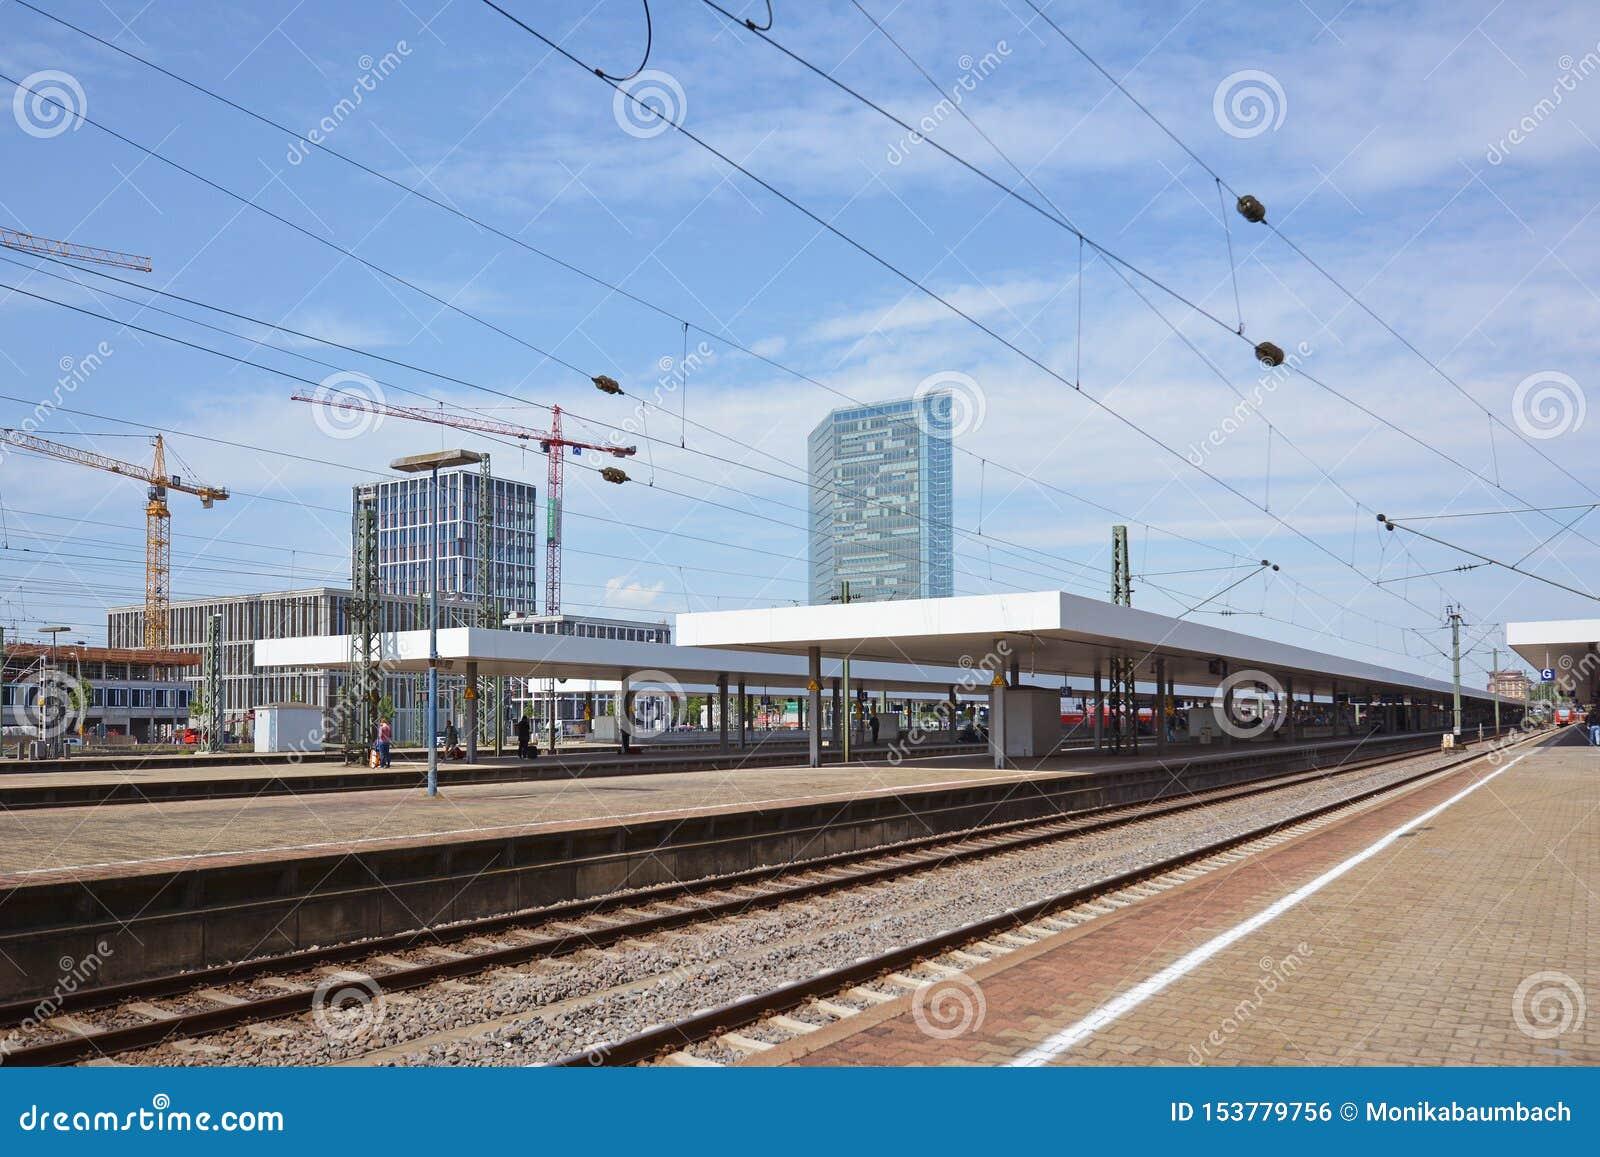 Trilhas e plataformas do estação de caminhos de ferro principal de Mannheim no dia de verão com céu azul